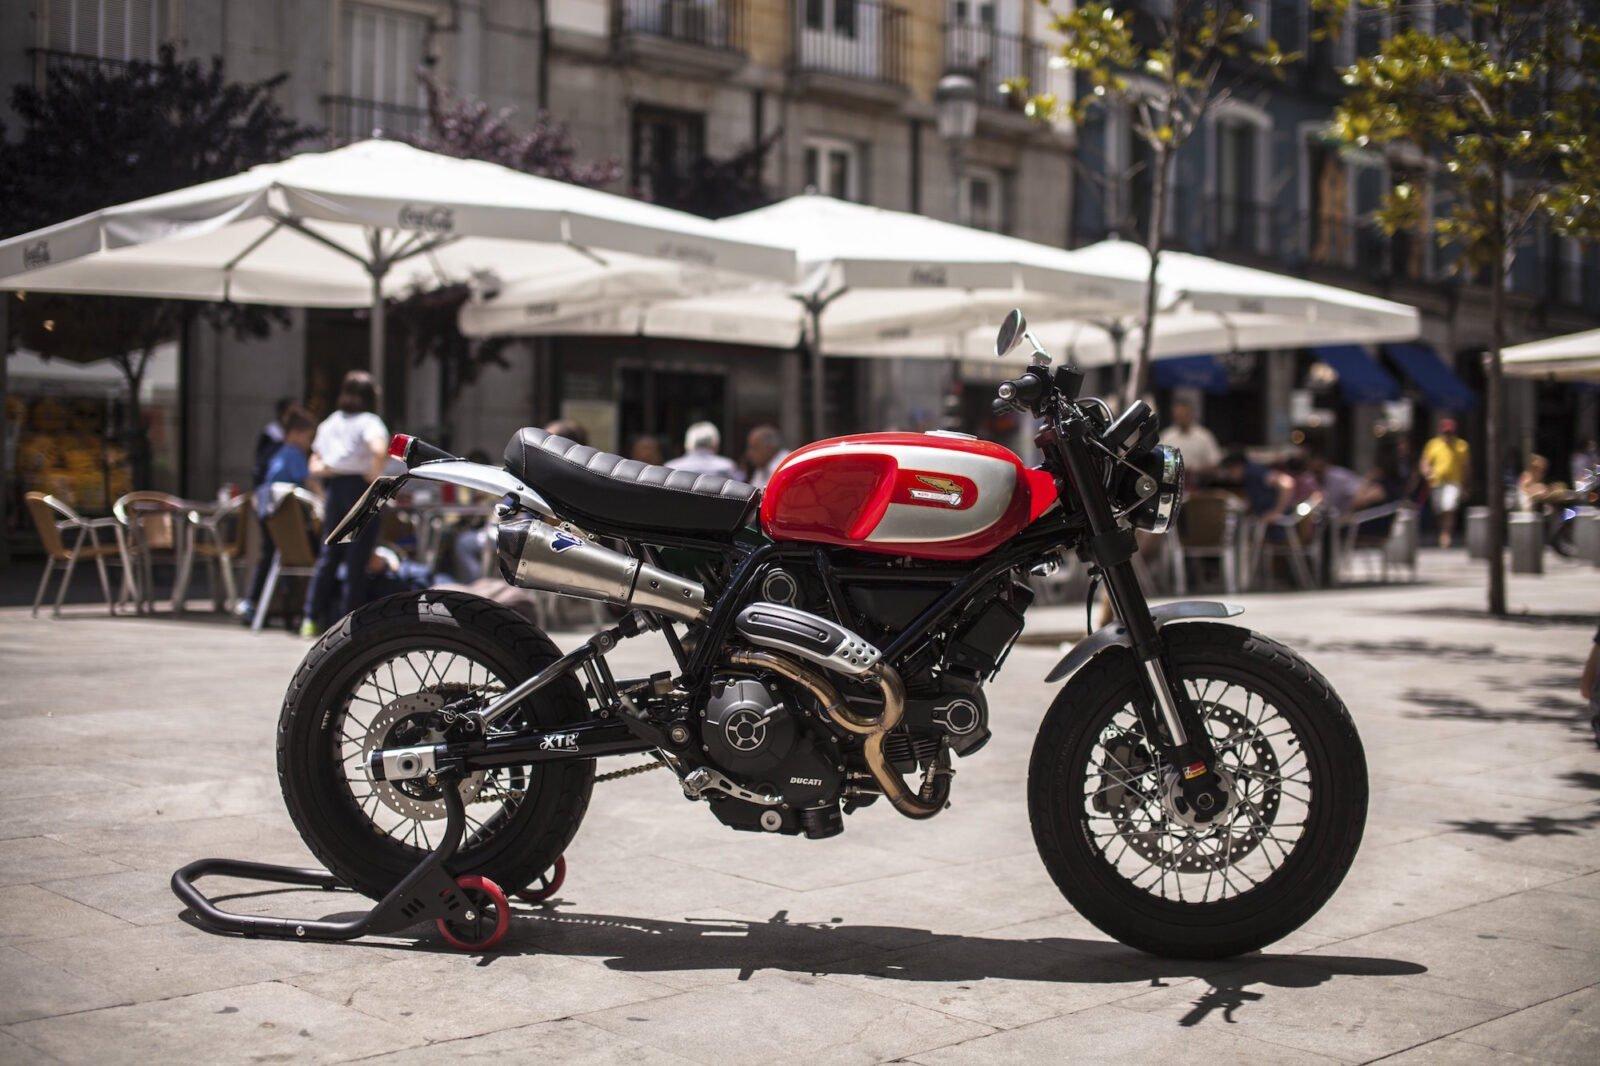 ducati scrambler motorcycle 26 1600x1066 - XTR Pepo Ducati Scrambler